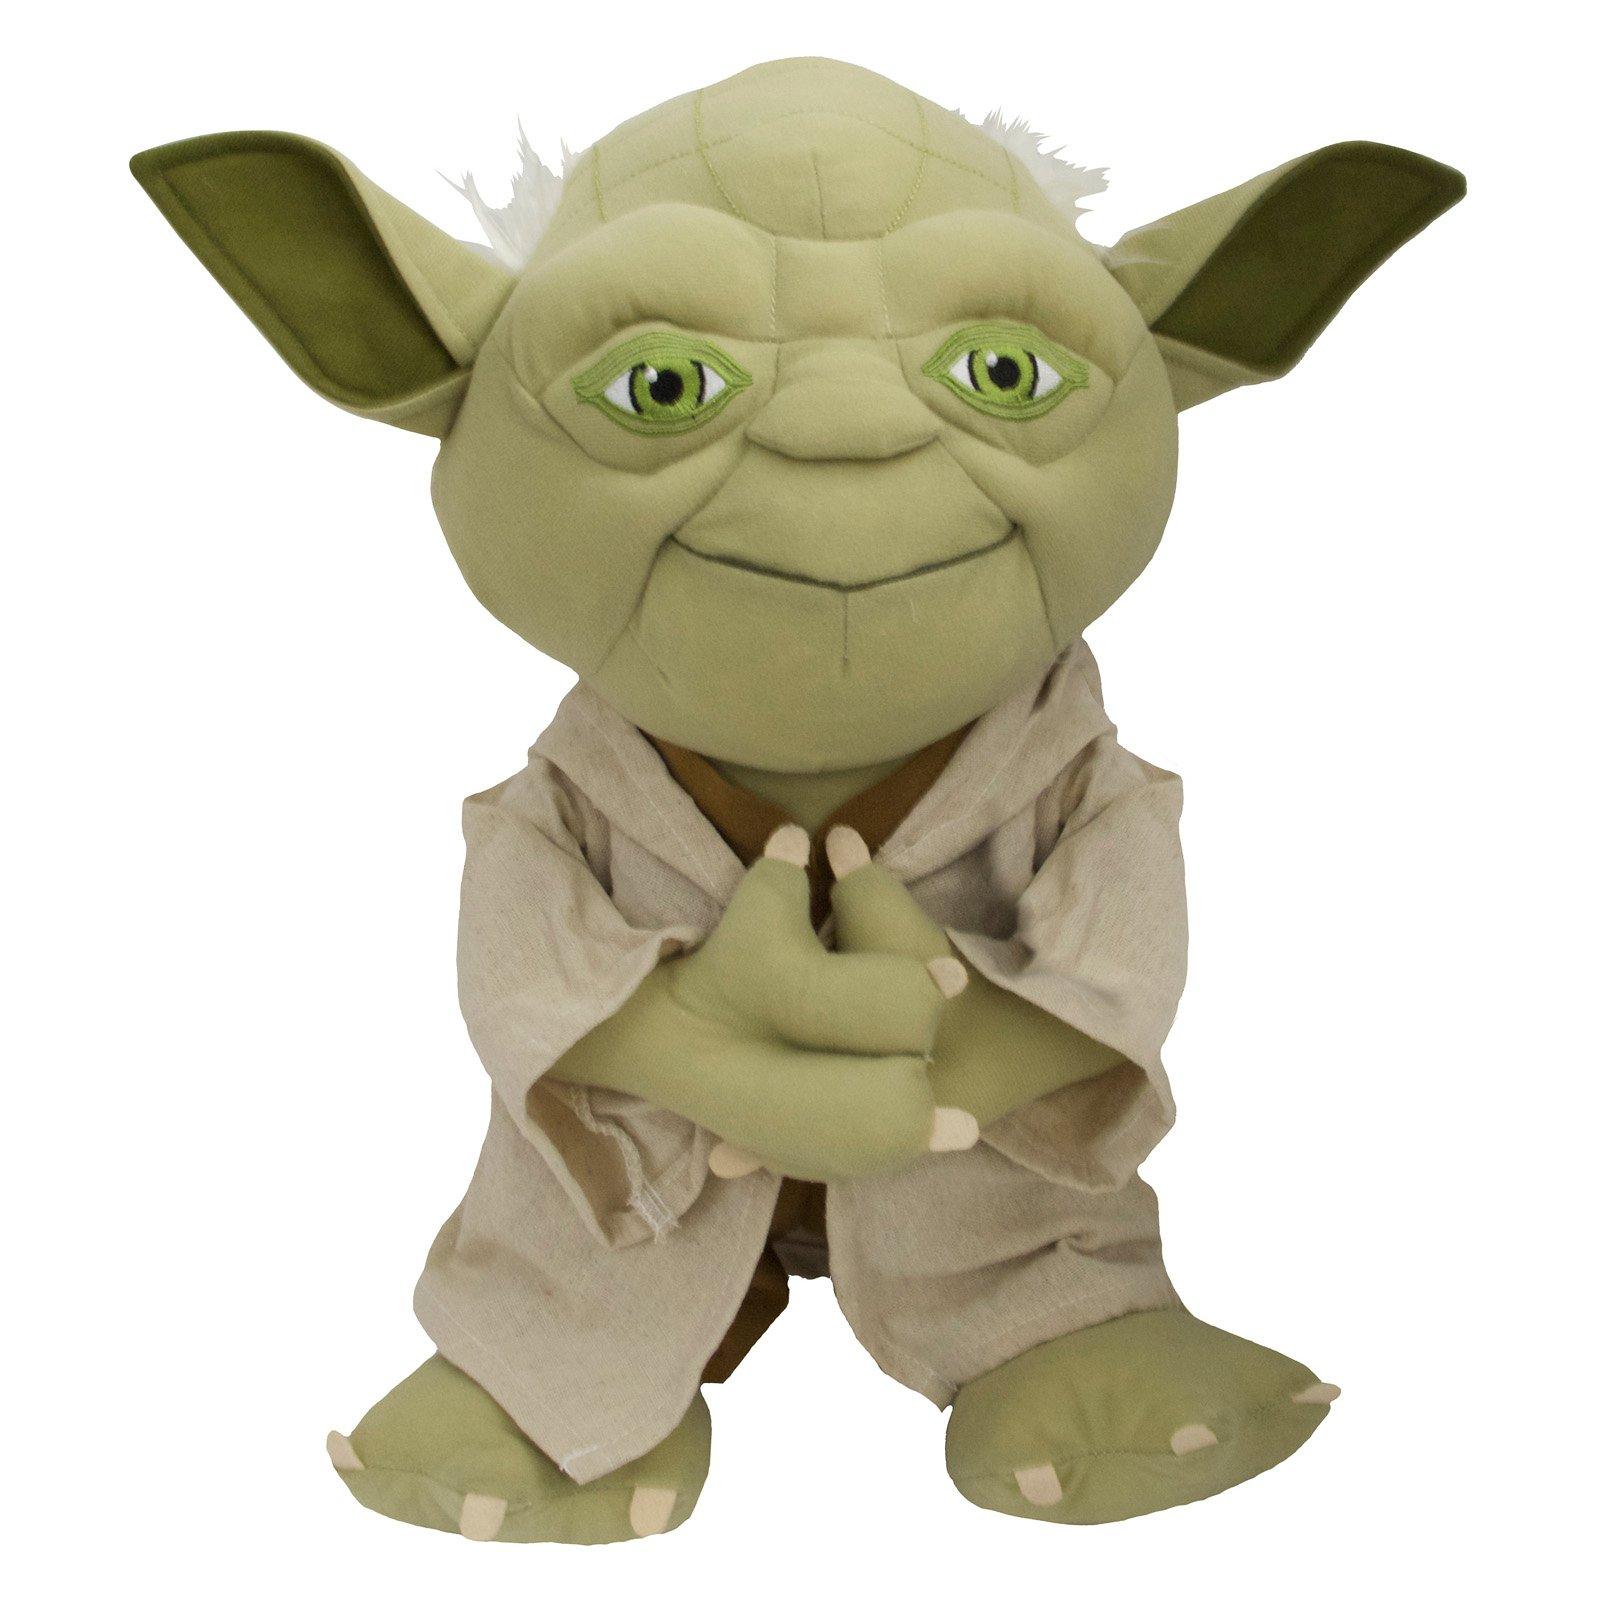 Star Wars Yoda Pillow Buddy